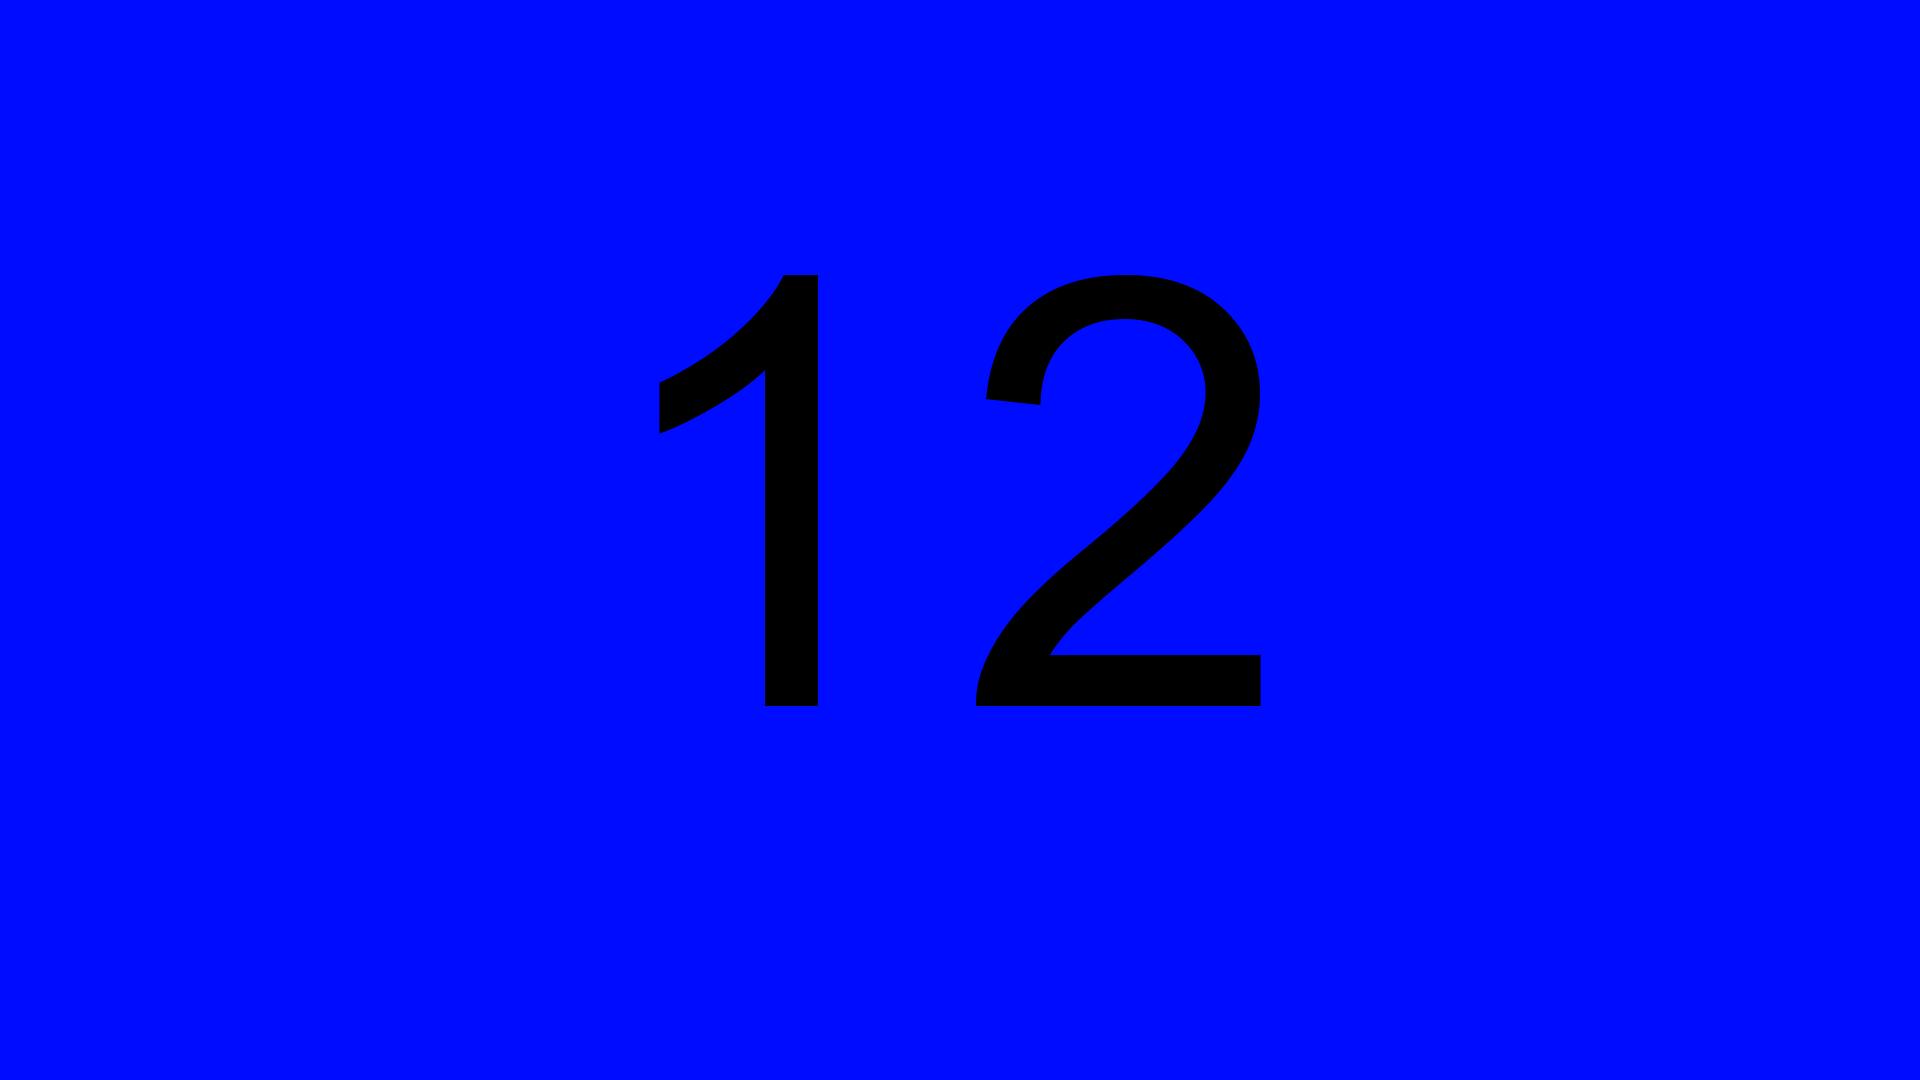 Blue_12